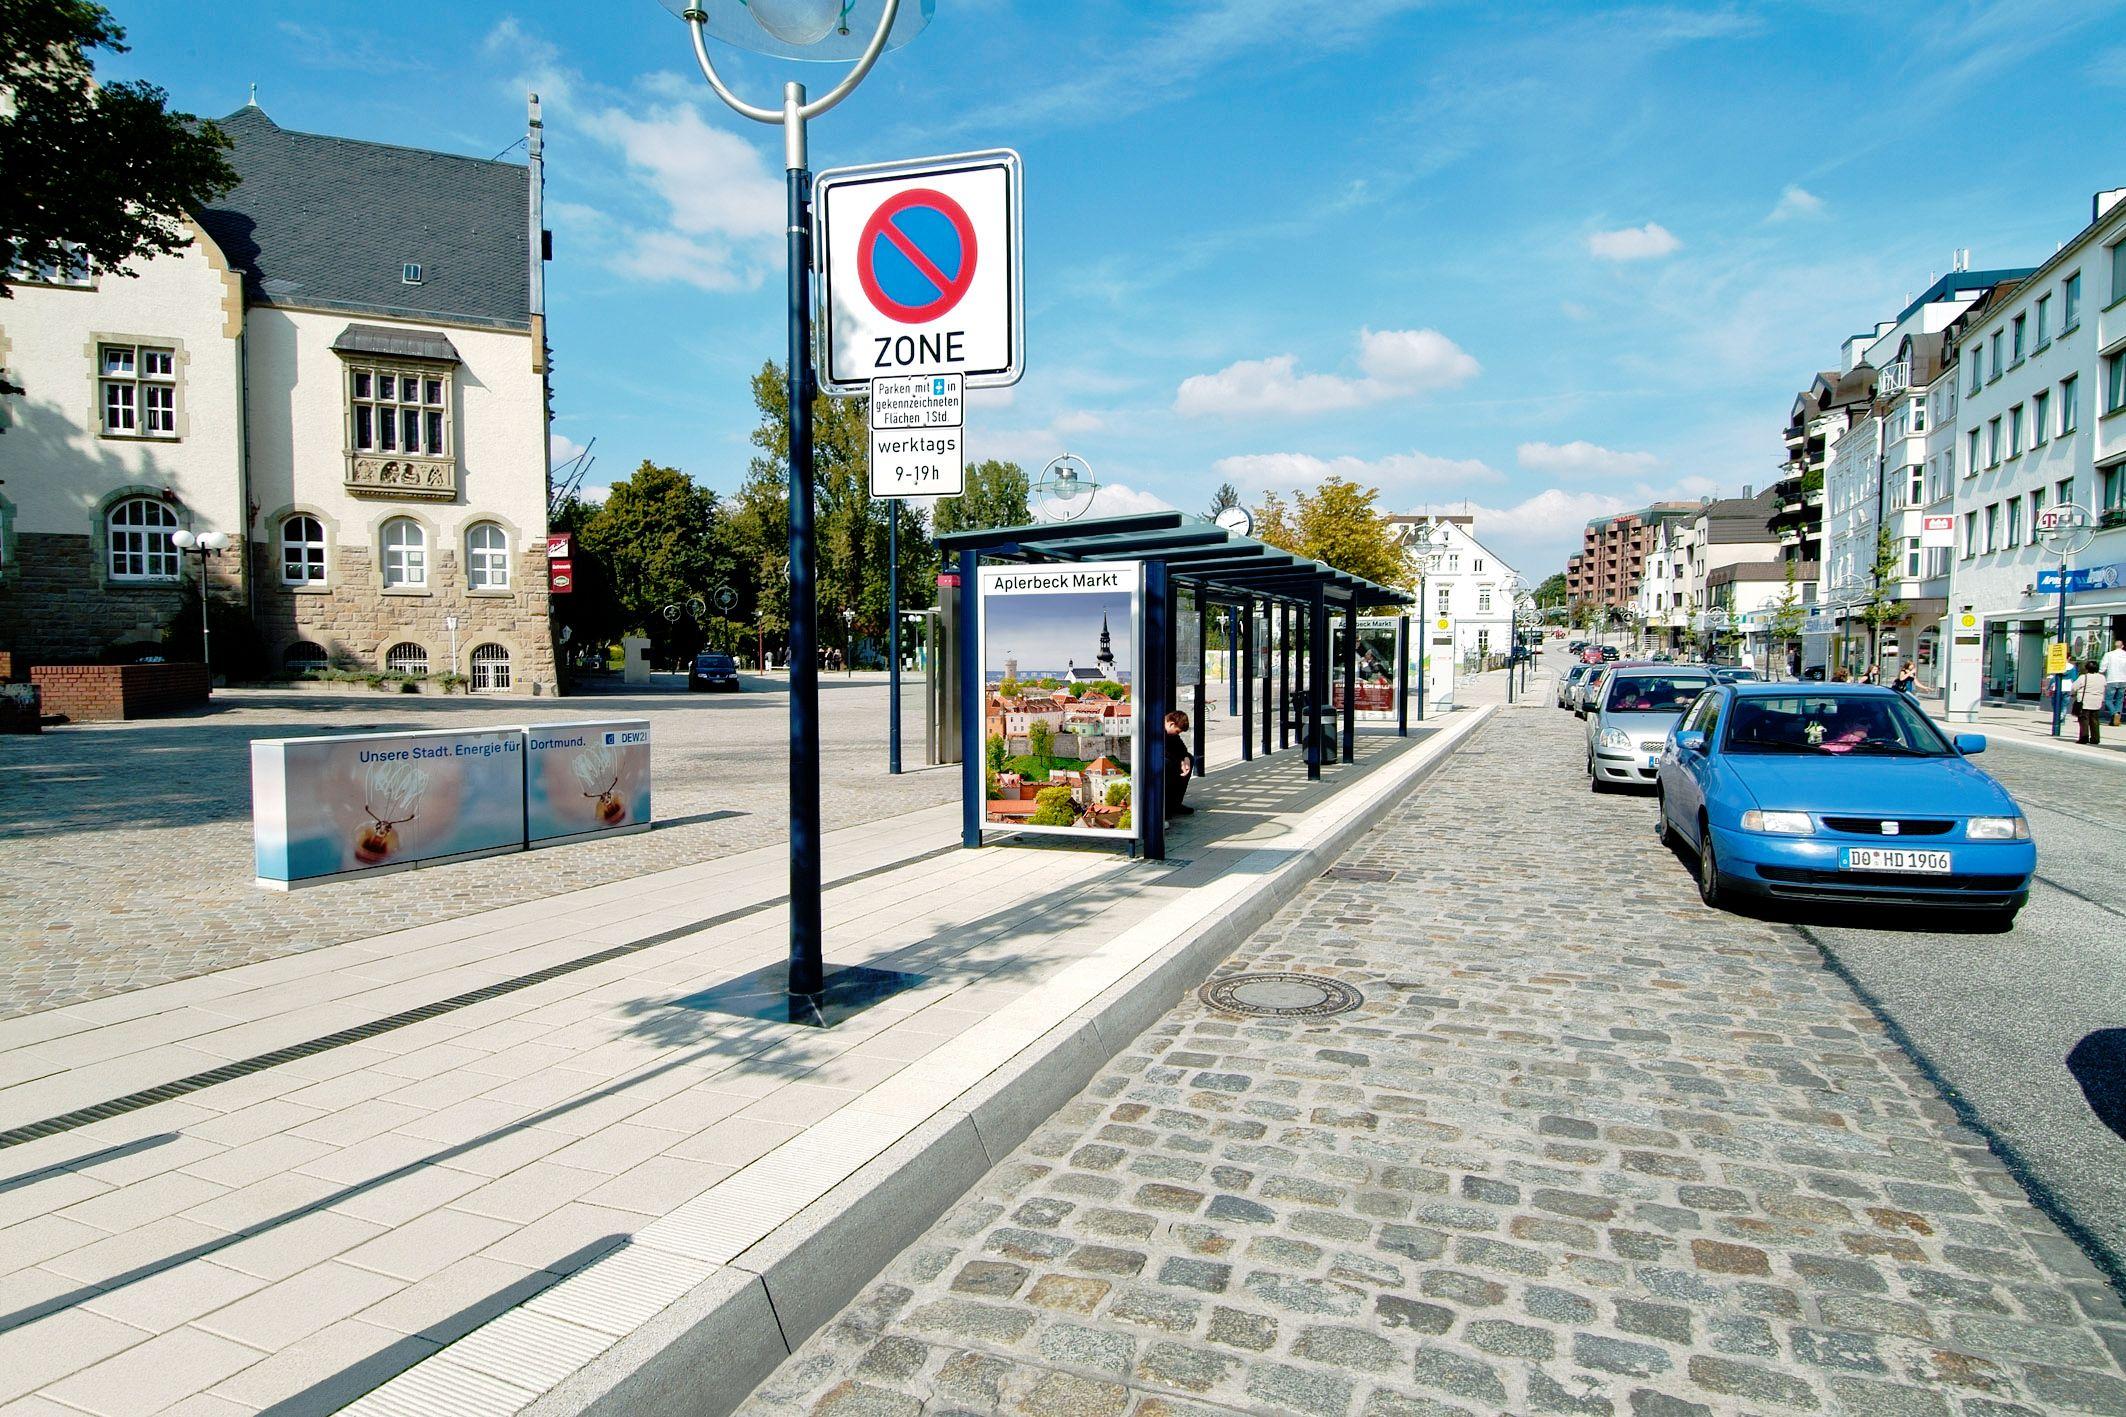 SAKRET Referenz Marktplatz Dortmund Pflastersteine Straße